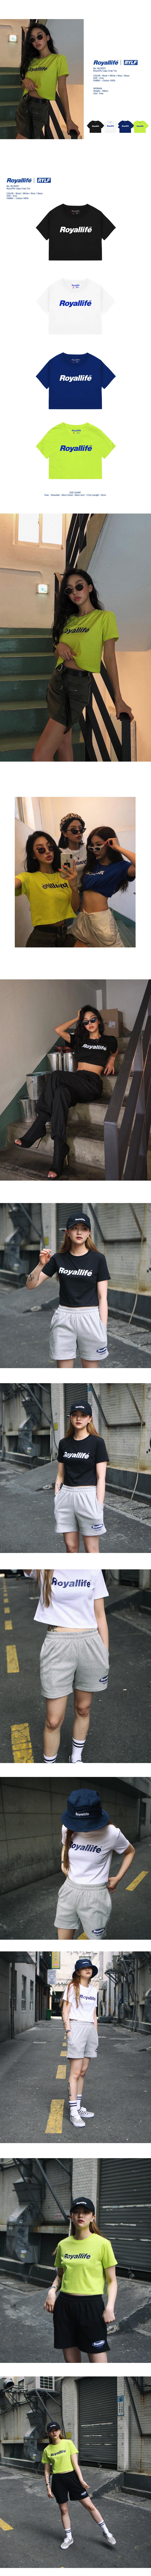 로얄라이프(ROYALLIFE) RLCR201 로얄라이프 로고 크롭 티 - 블루